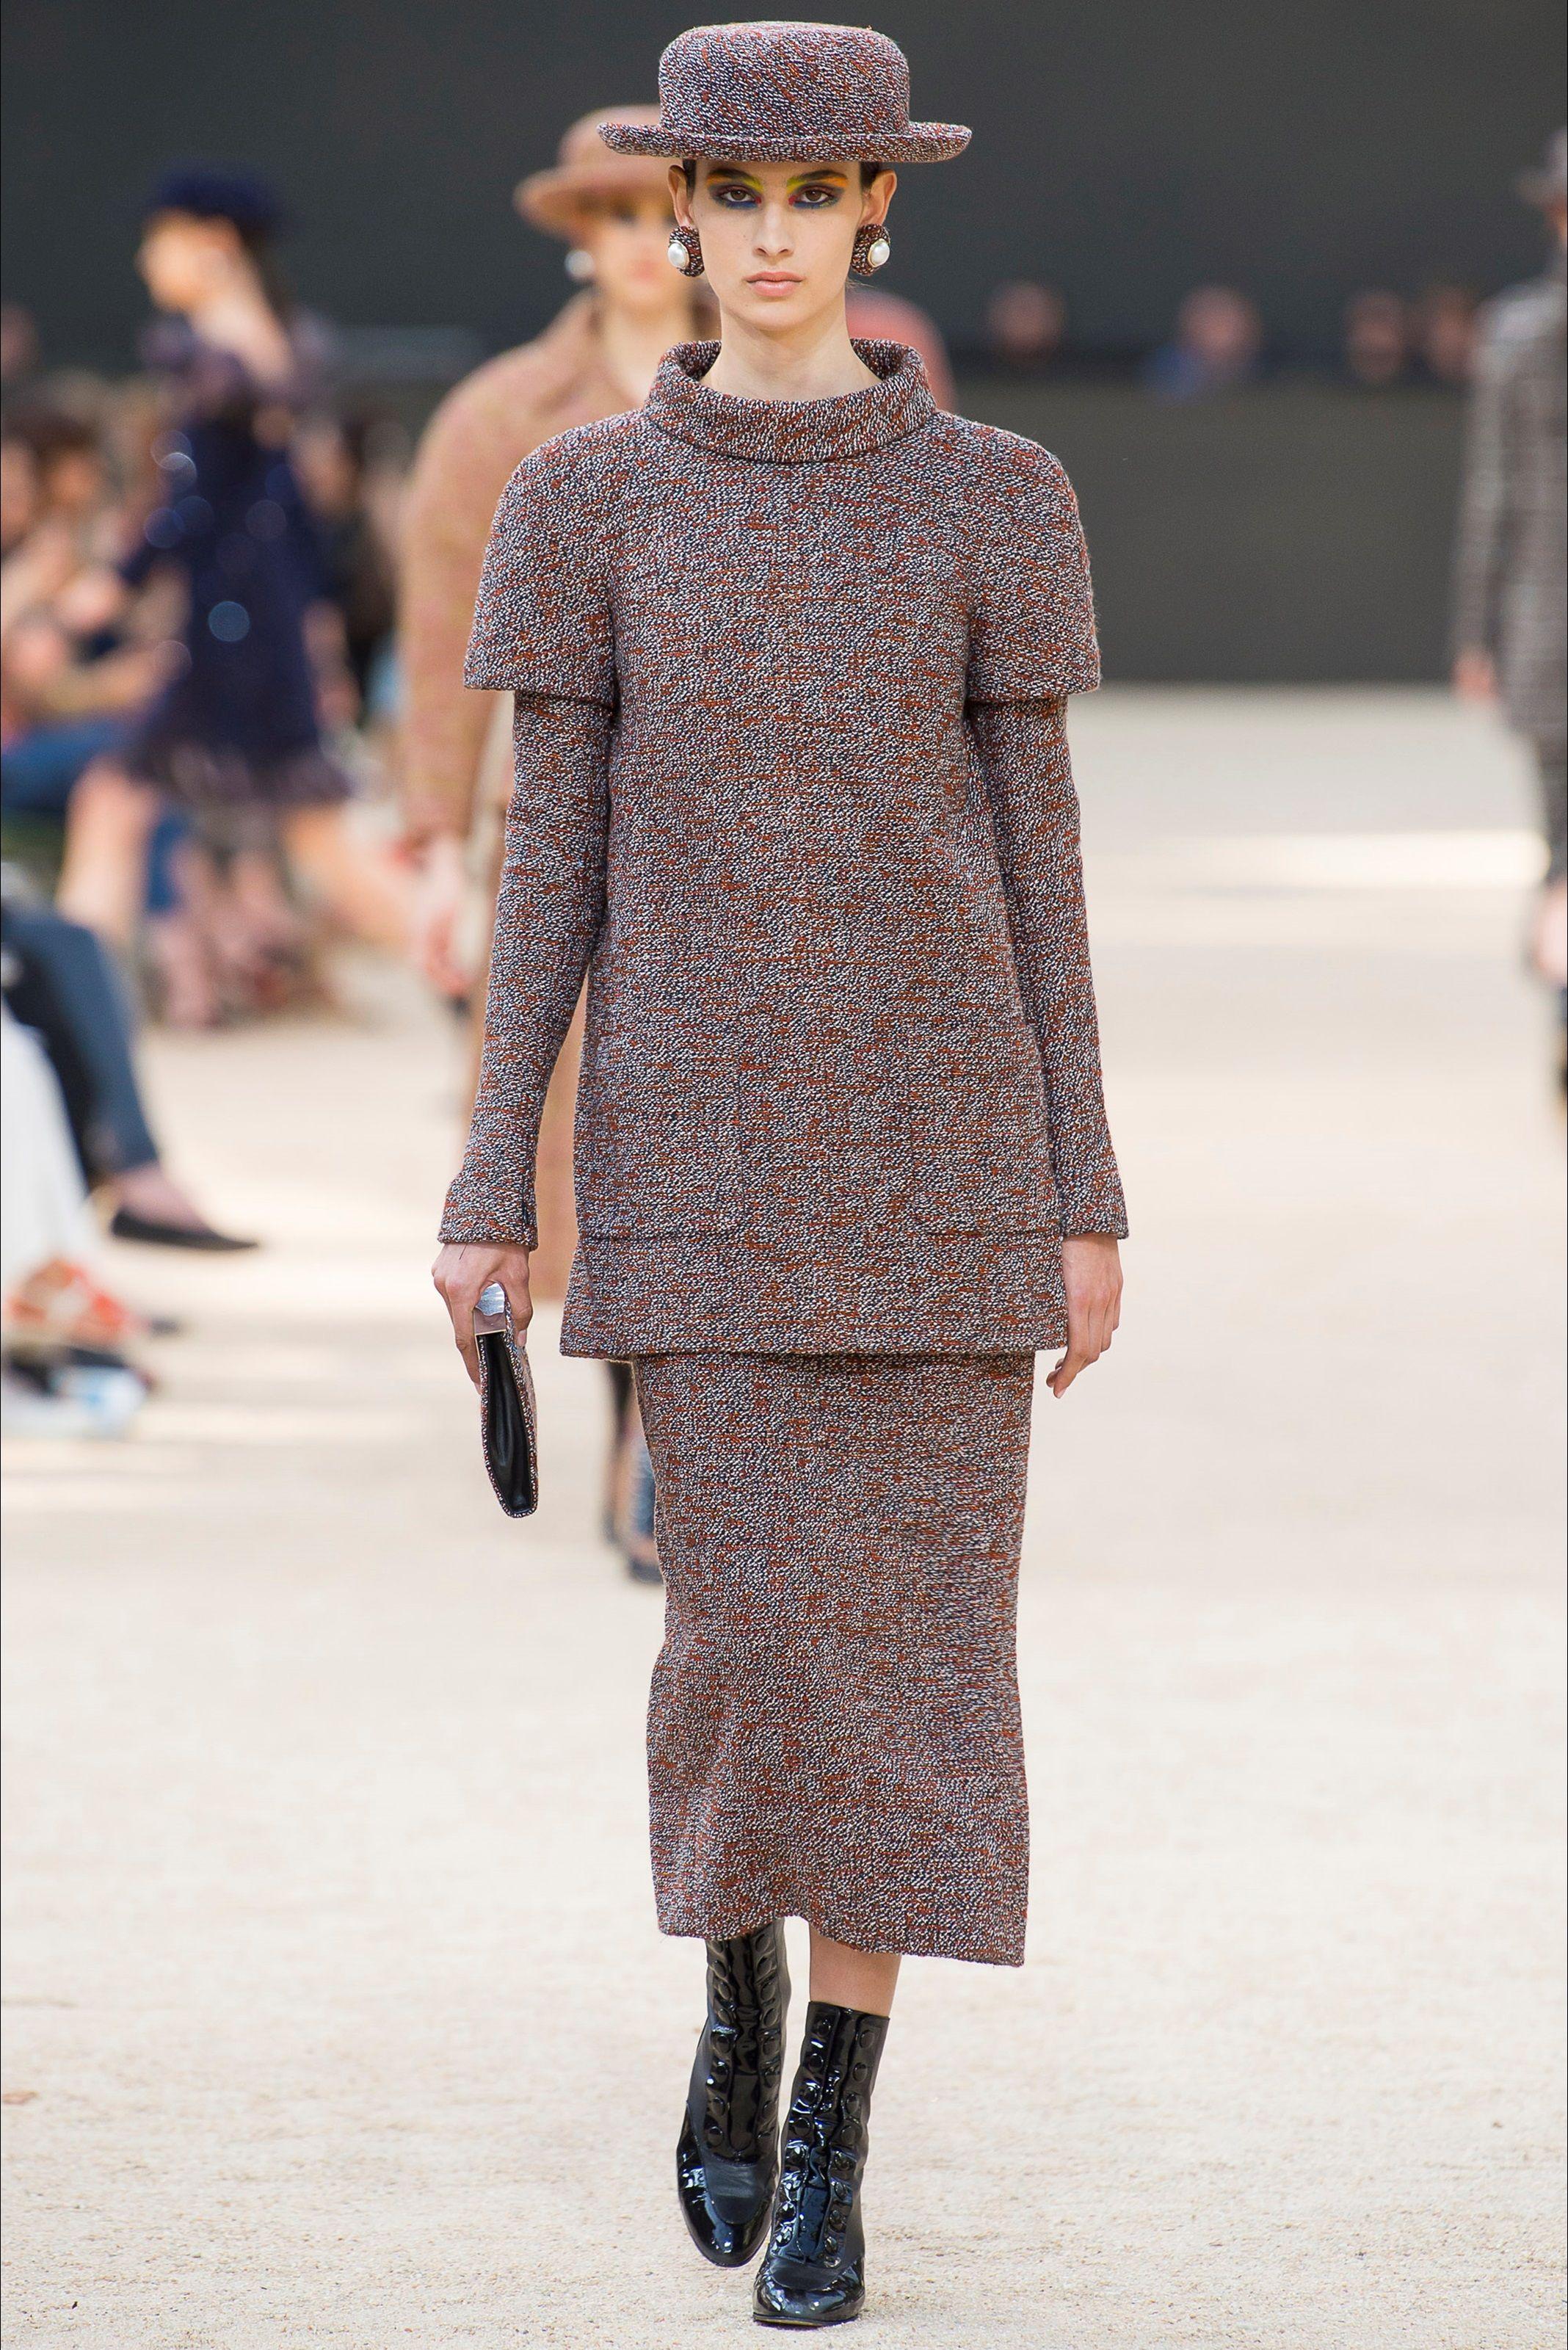 37f53c149a Sfilata Chanel Parigi - Alta Moda Autunno-Inverno 2017-18 - Vogue ...